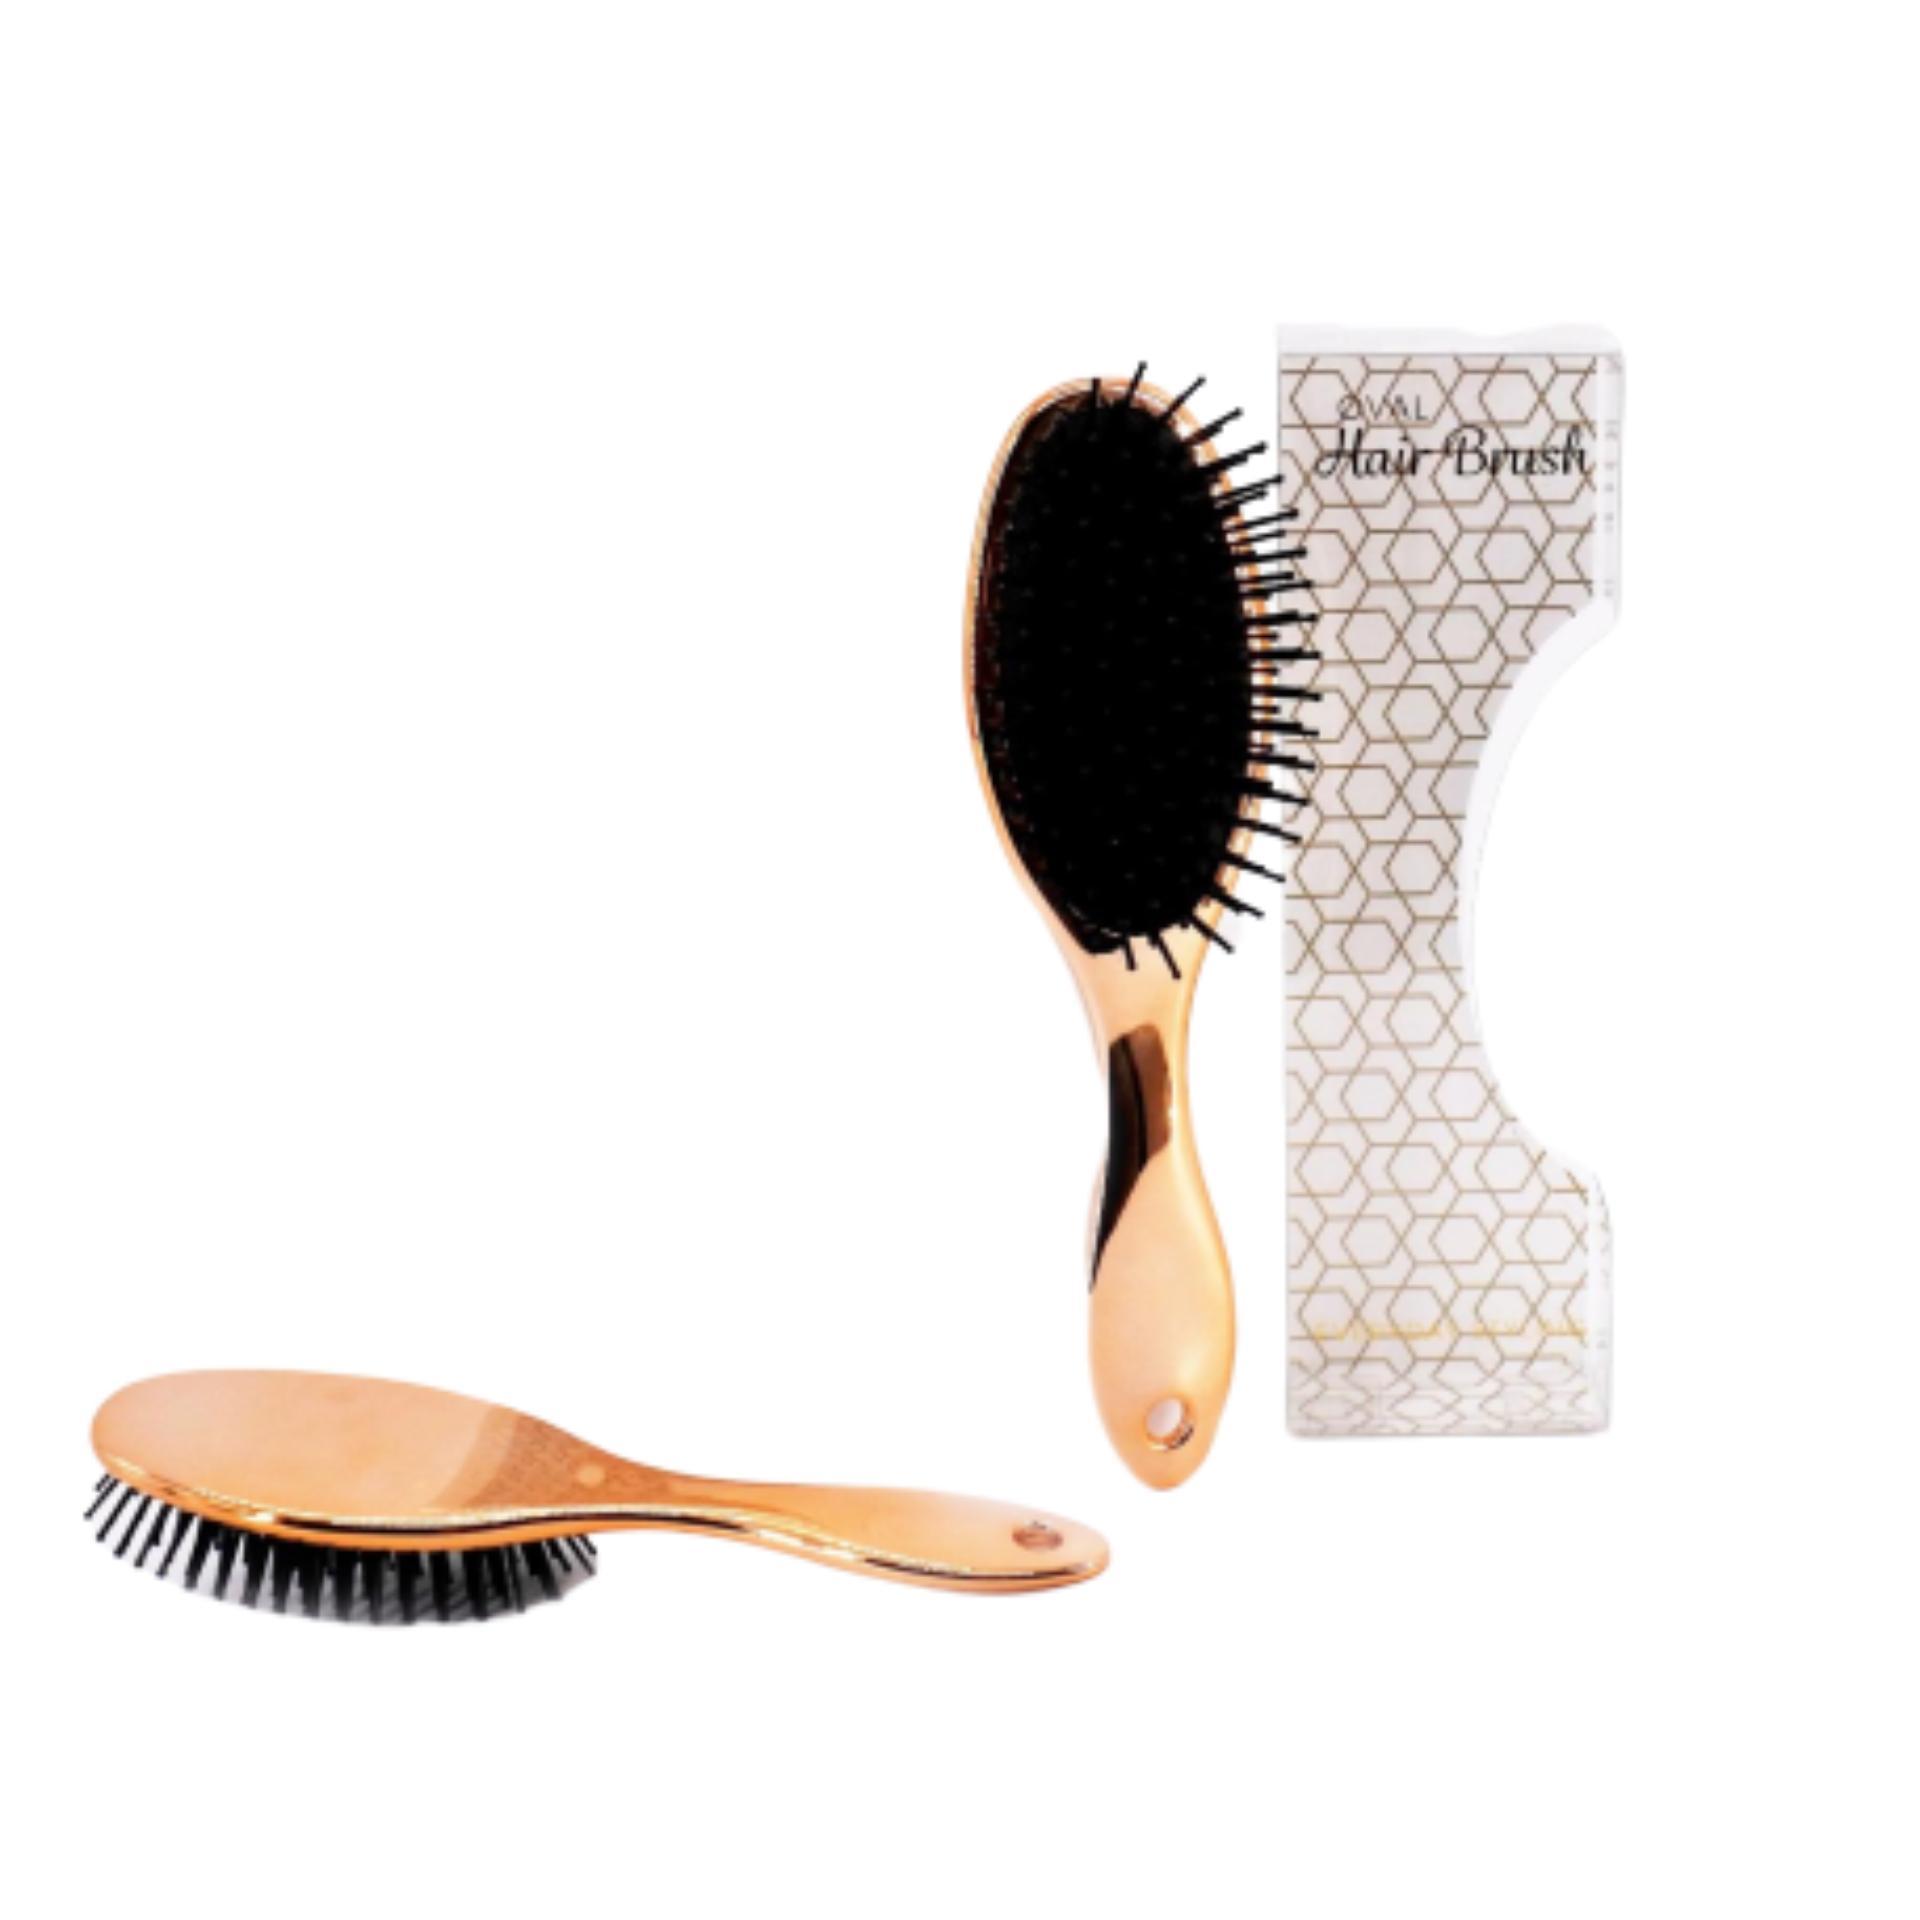 Lược chải tóc Oval UBL AH3662 size 22 x 6.4 cm (Vàng hồng)